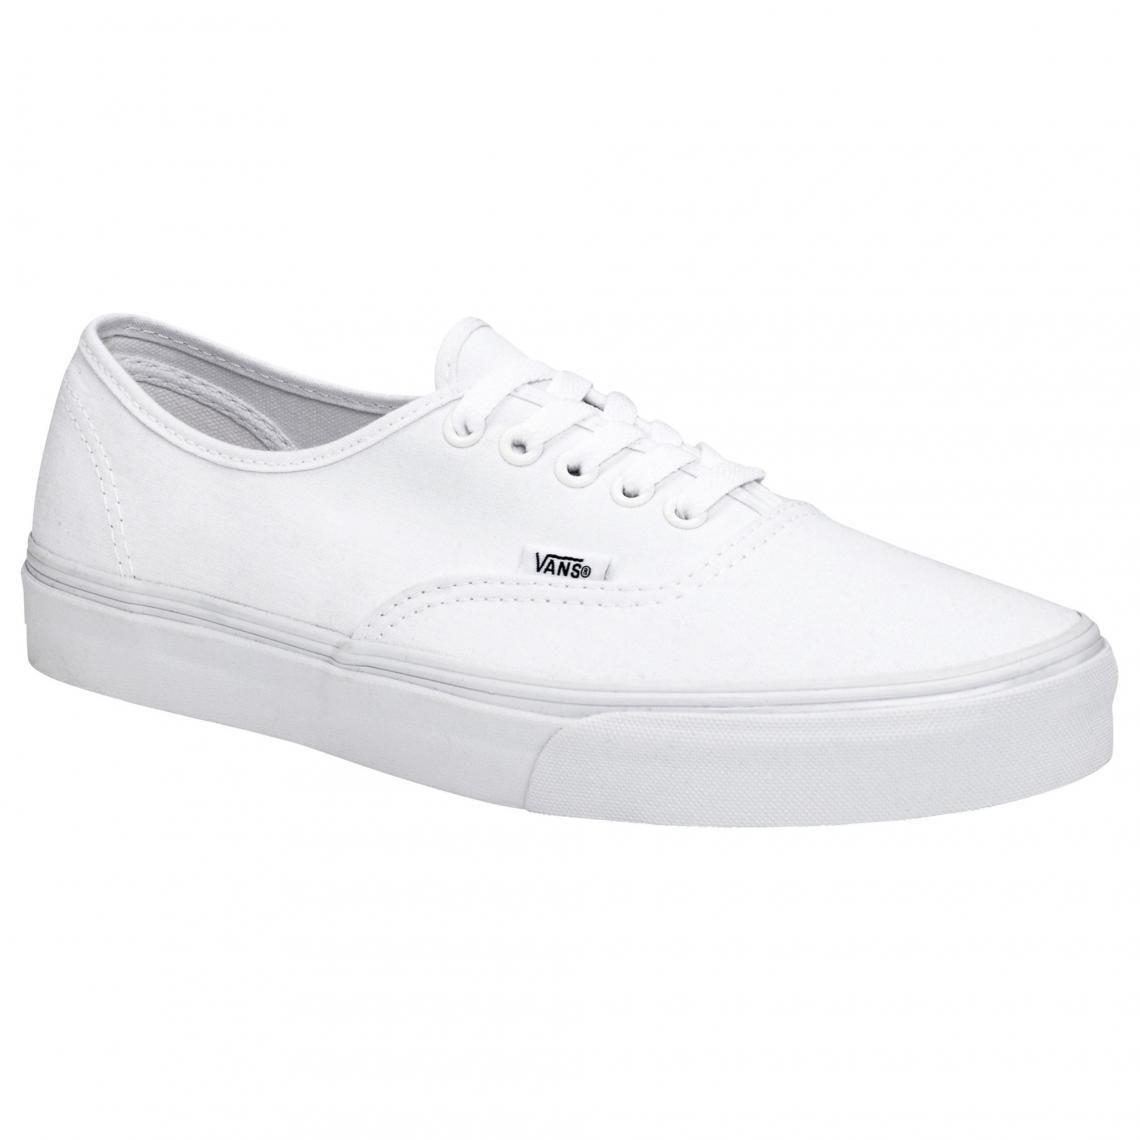 Vans Authentic chaussures de ville en toile homme - Blanc en 2021 ...